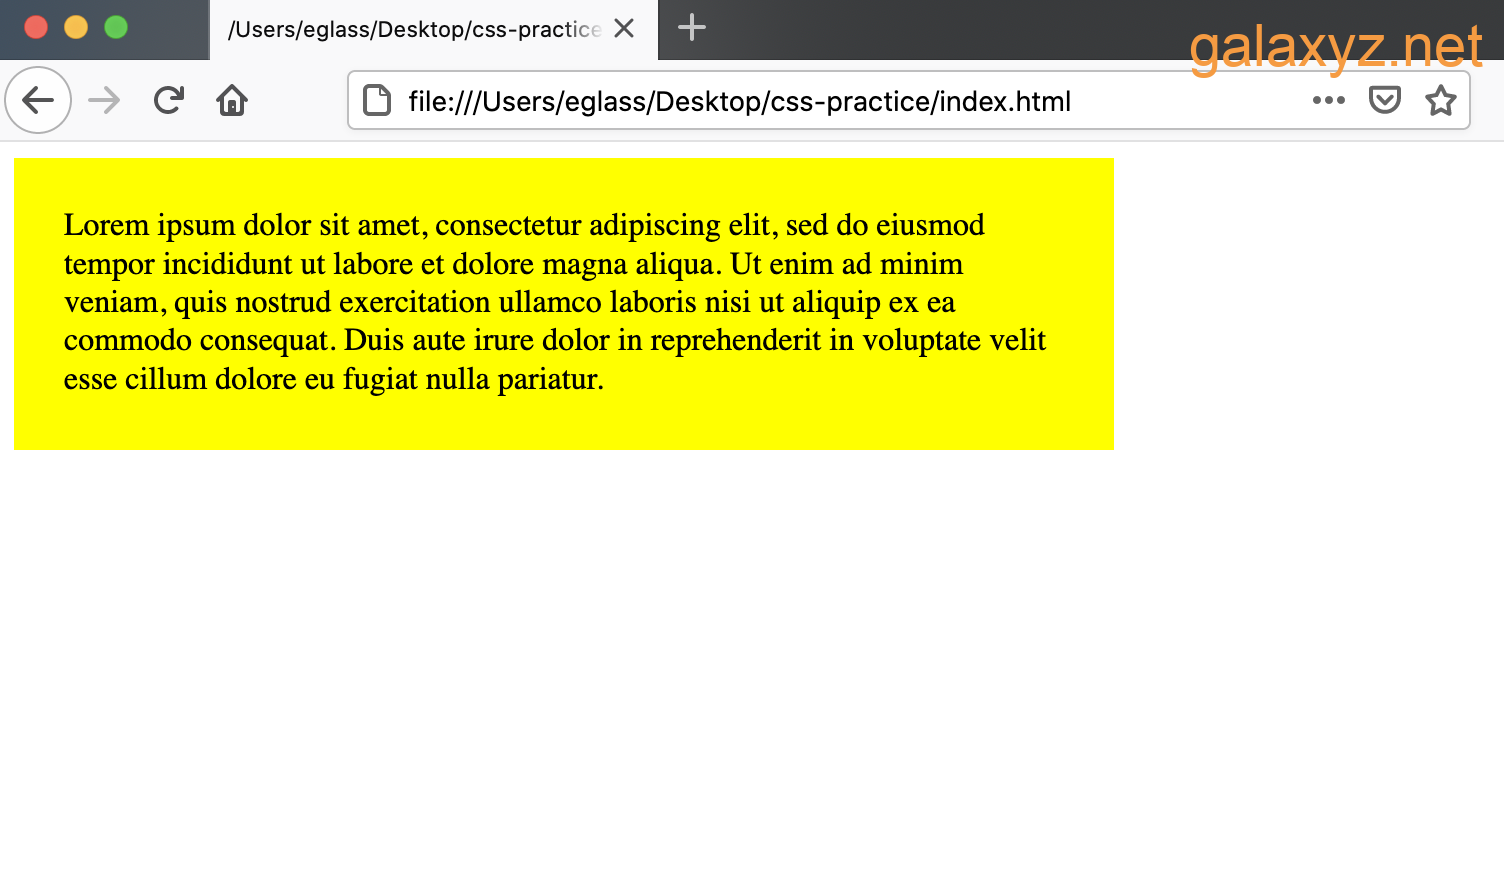 Trang web có containers  `<div>` màu vàng với chiều rộng và phần đệm được chỉ định